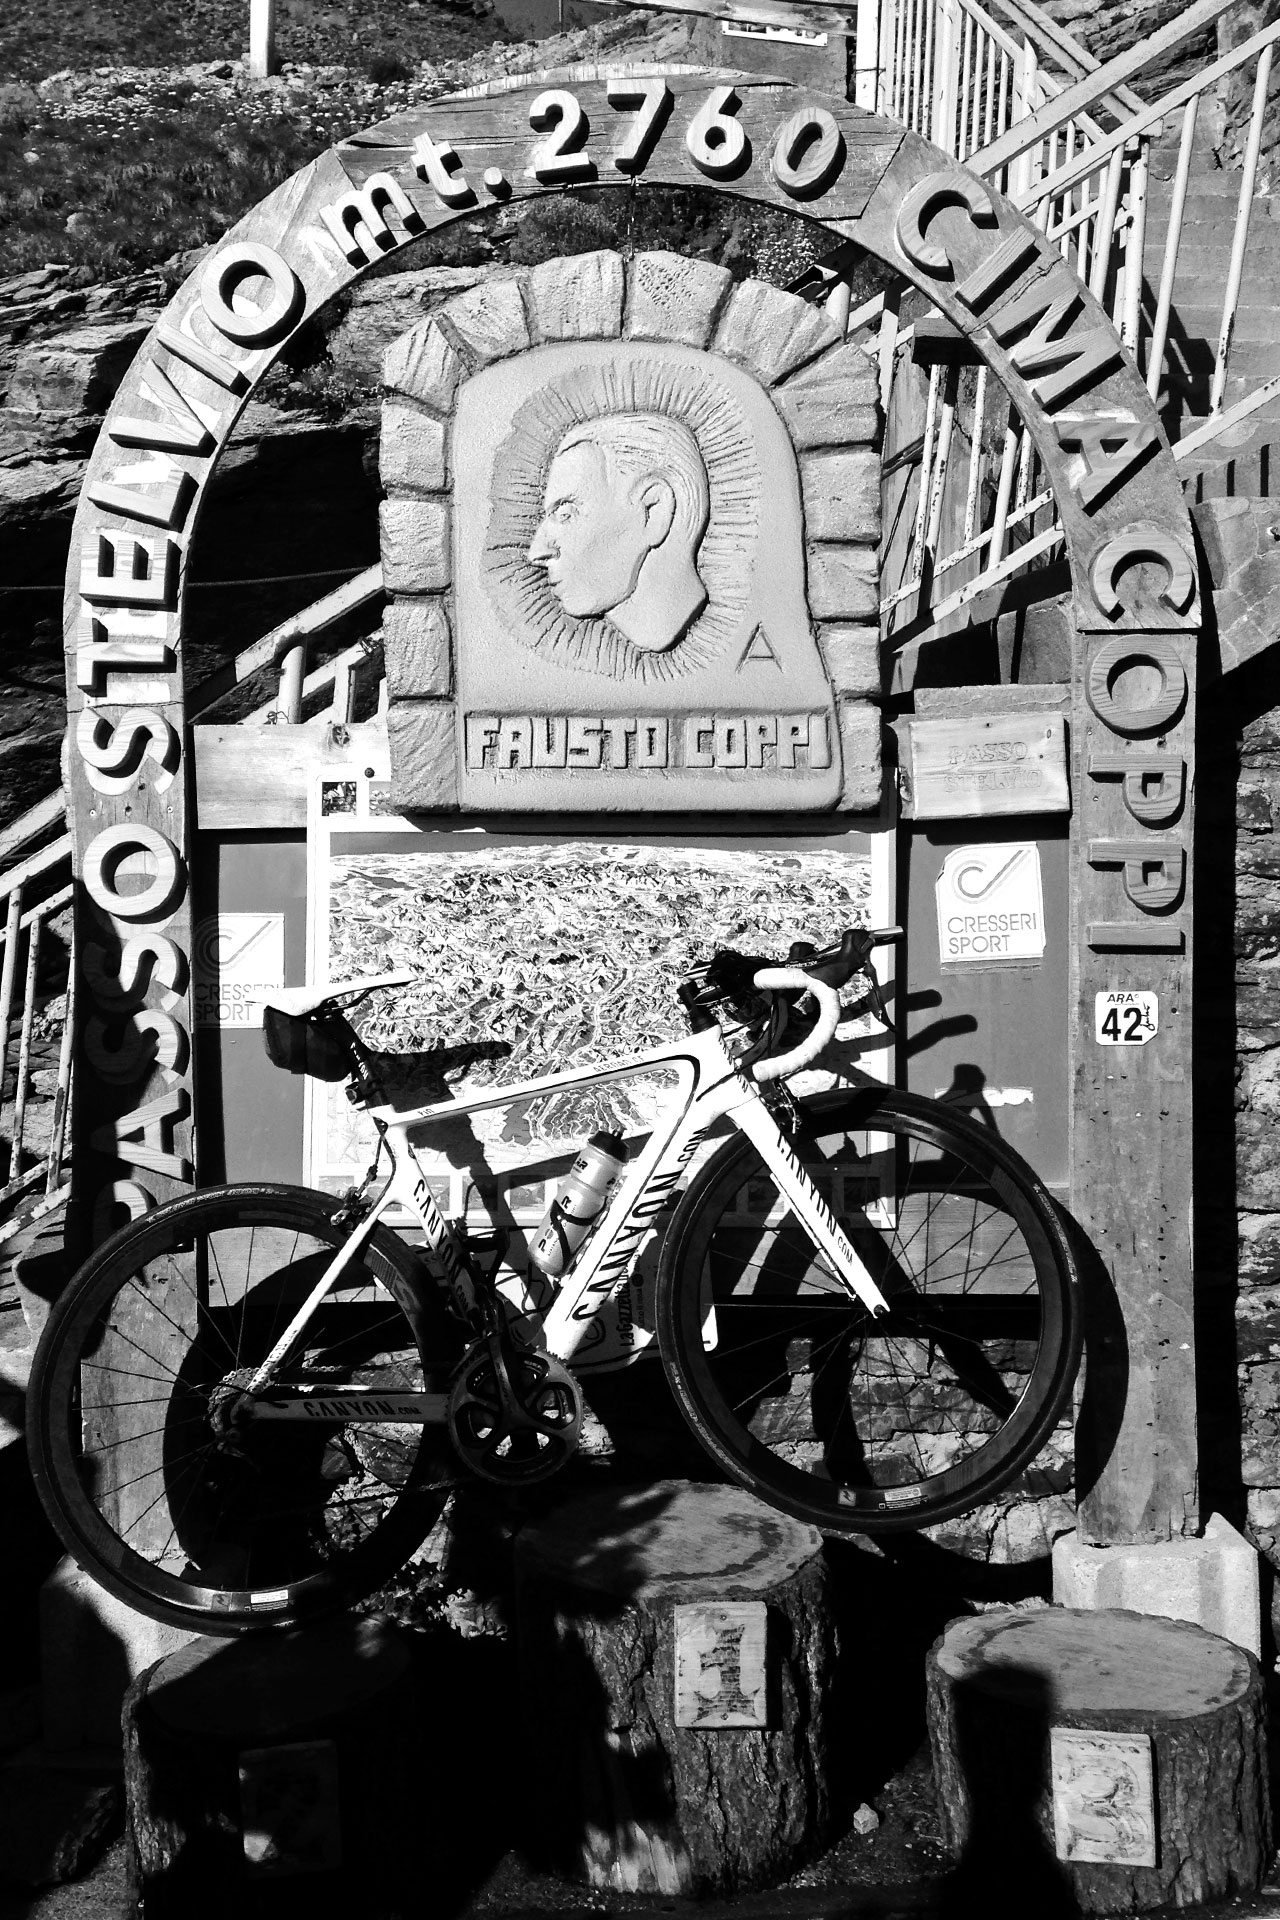 DAS STILFSER JOCH 48 Kehren in Fels gemeisselt / Ein Denkmal für einen der größten italienischen Radfahrer der Vergangenheit: Fausto Coppi © stefandrexl.de